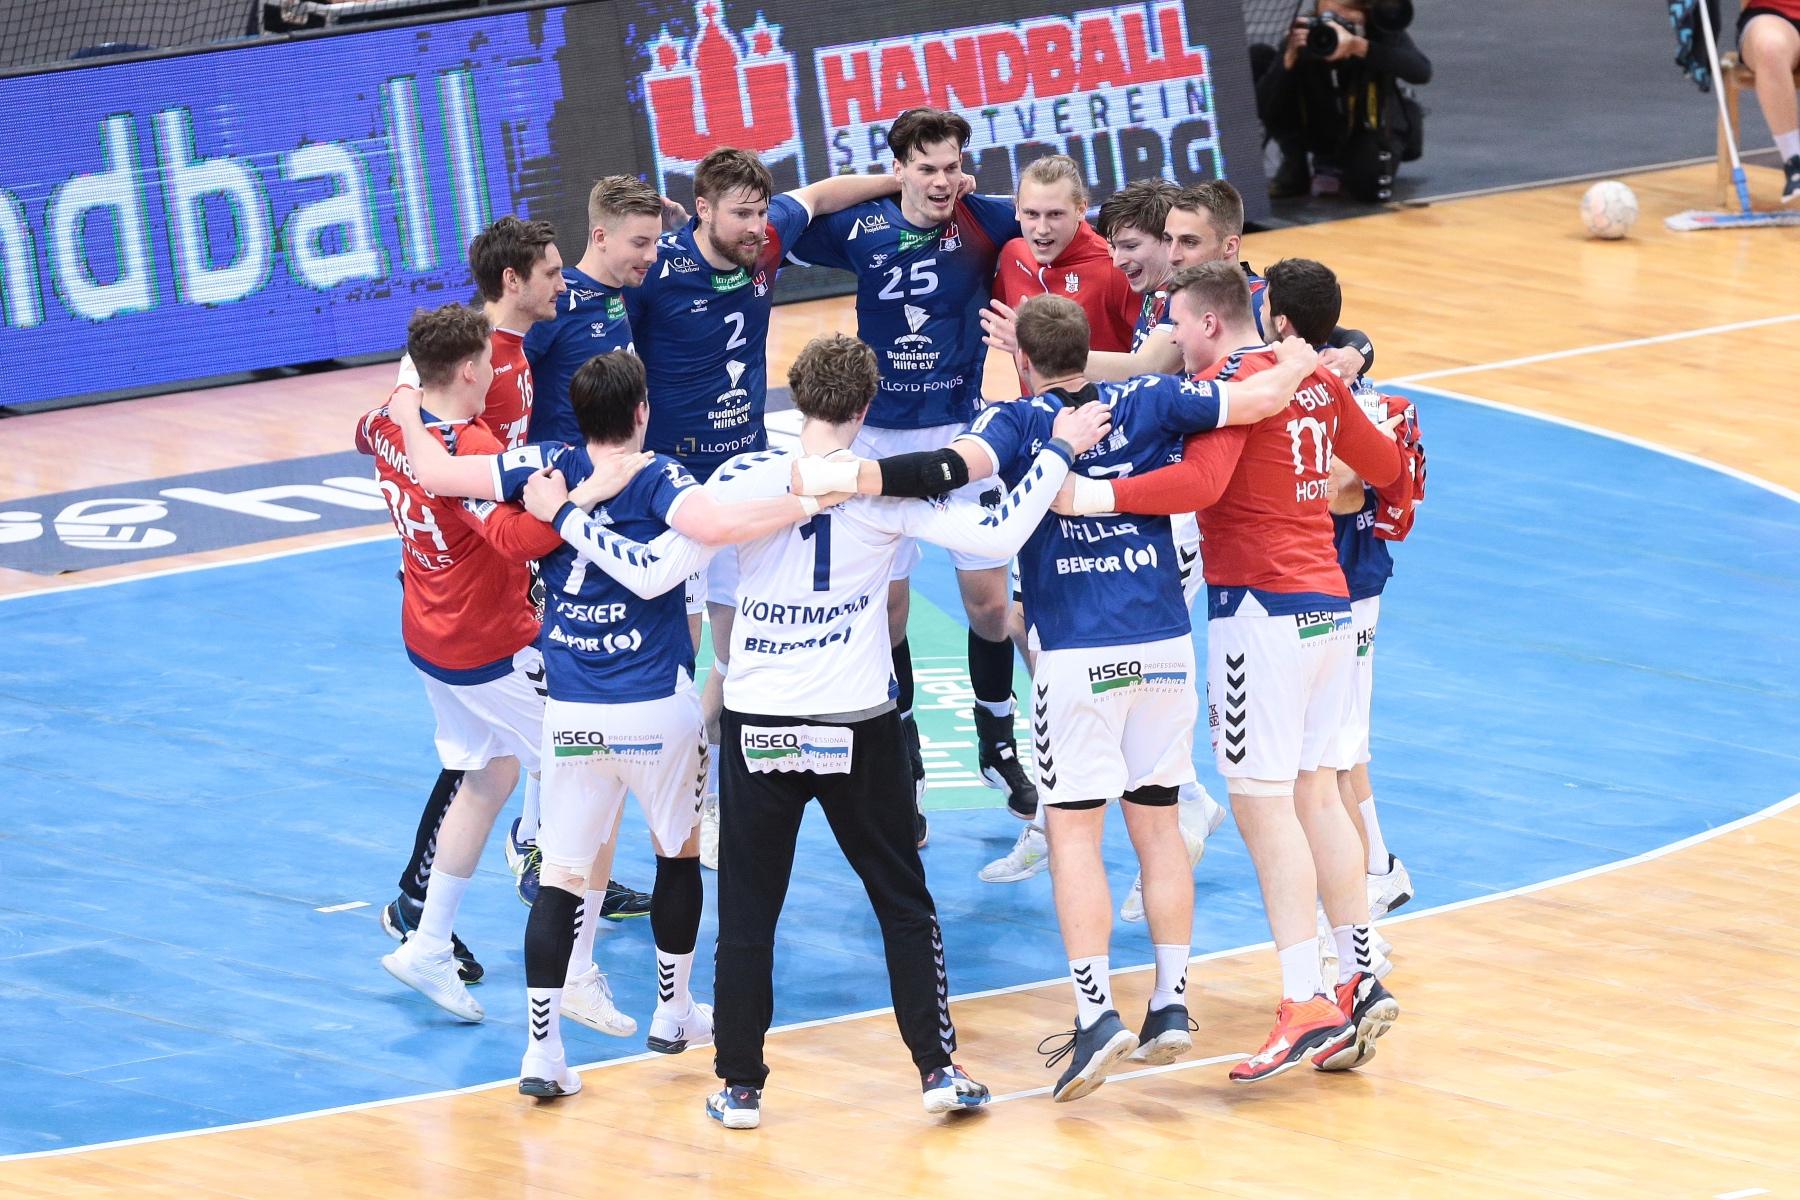 Geheimtipp Hamburg Handball HSV Jugend Nachwuchs Volksbank 05 – ©Patrick Willner